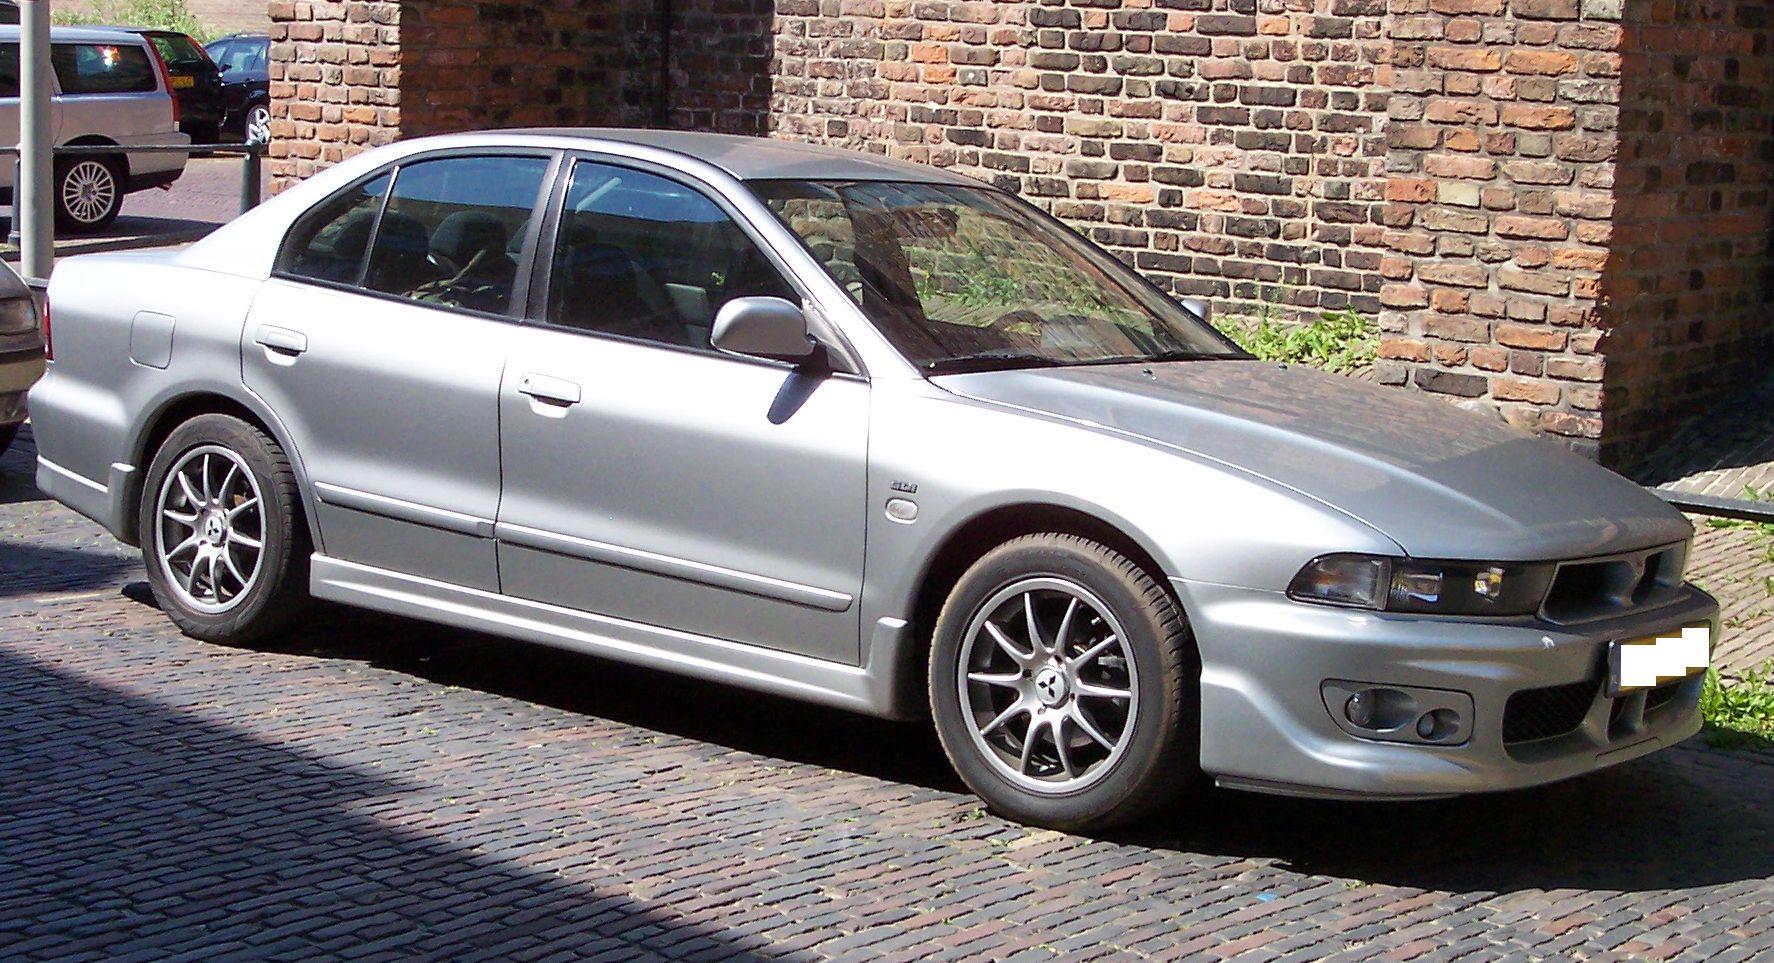 Auto motor und sport testwertungen - Heckansicht Der Galant Limousine Mitsubishi Galant Kombi 1996 2006